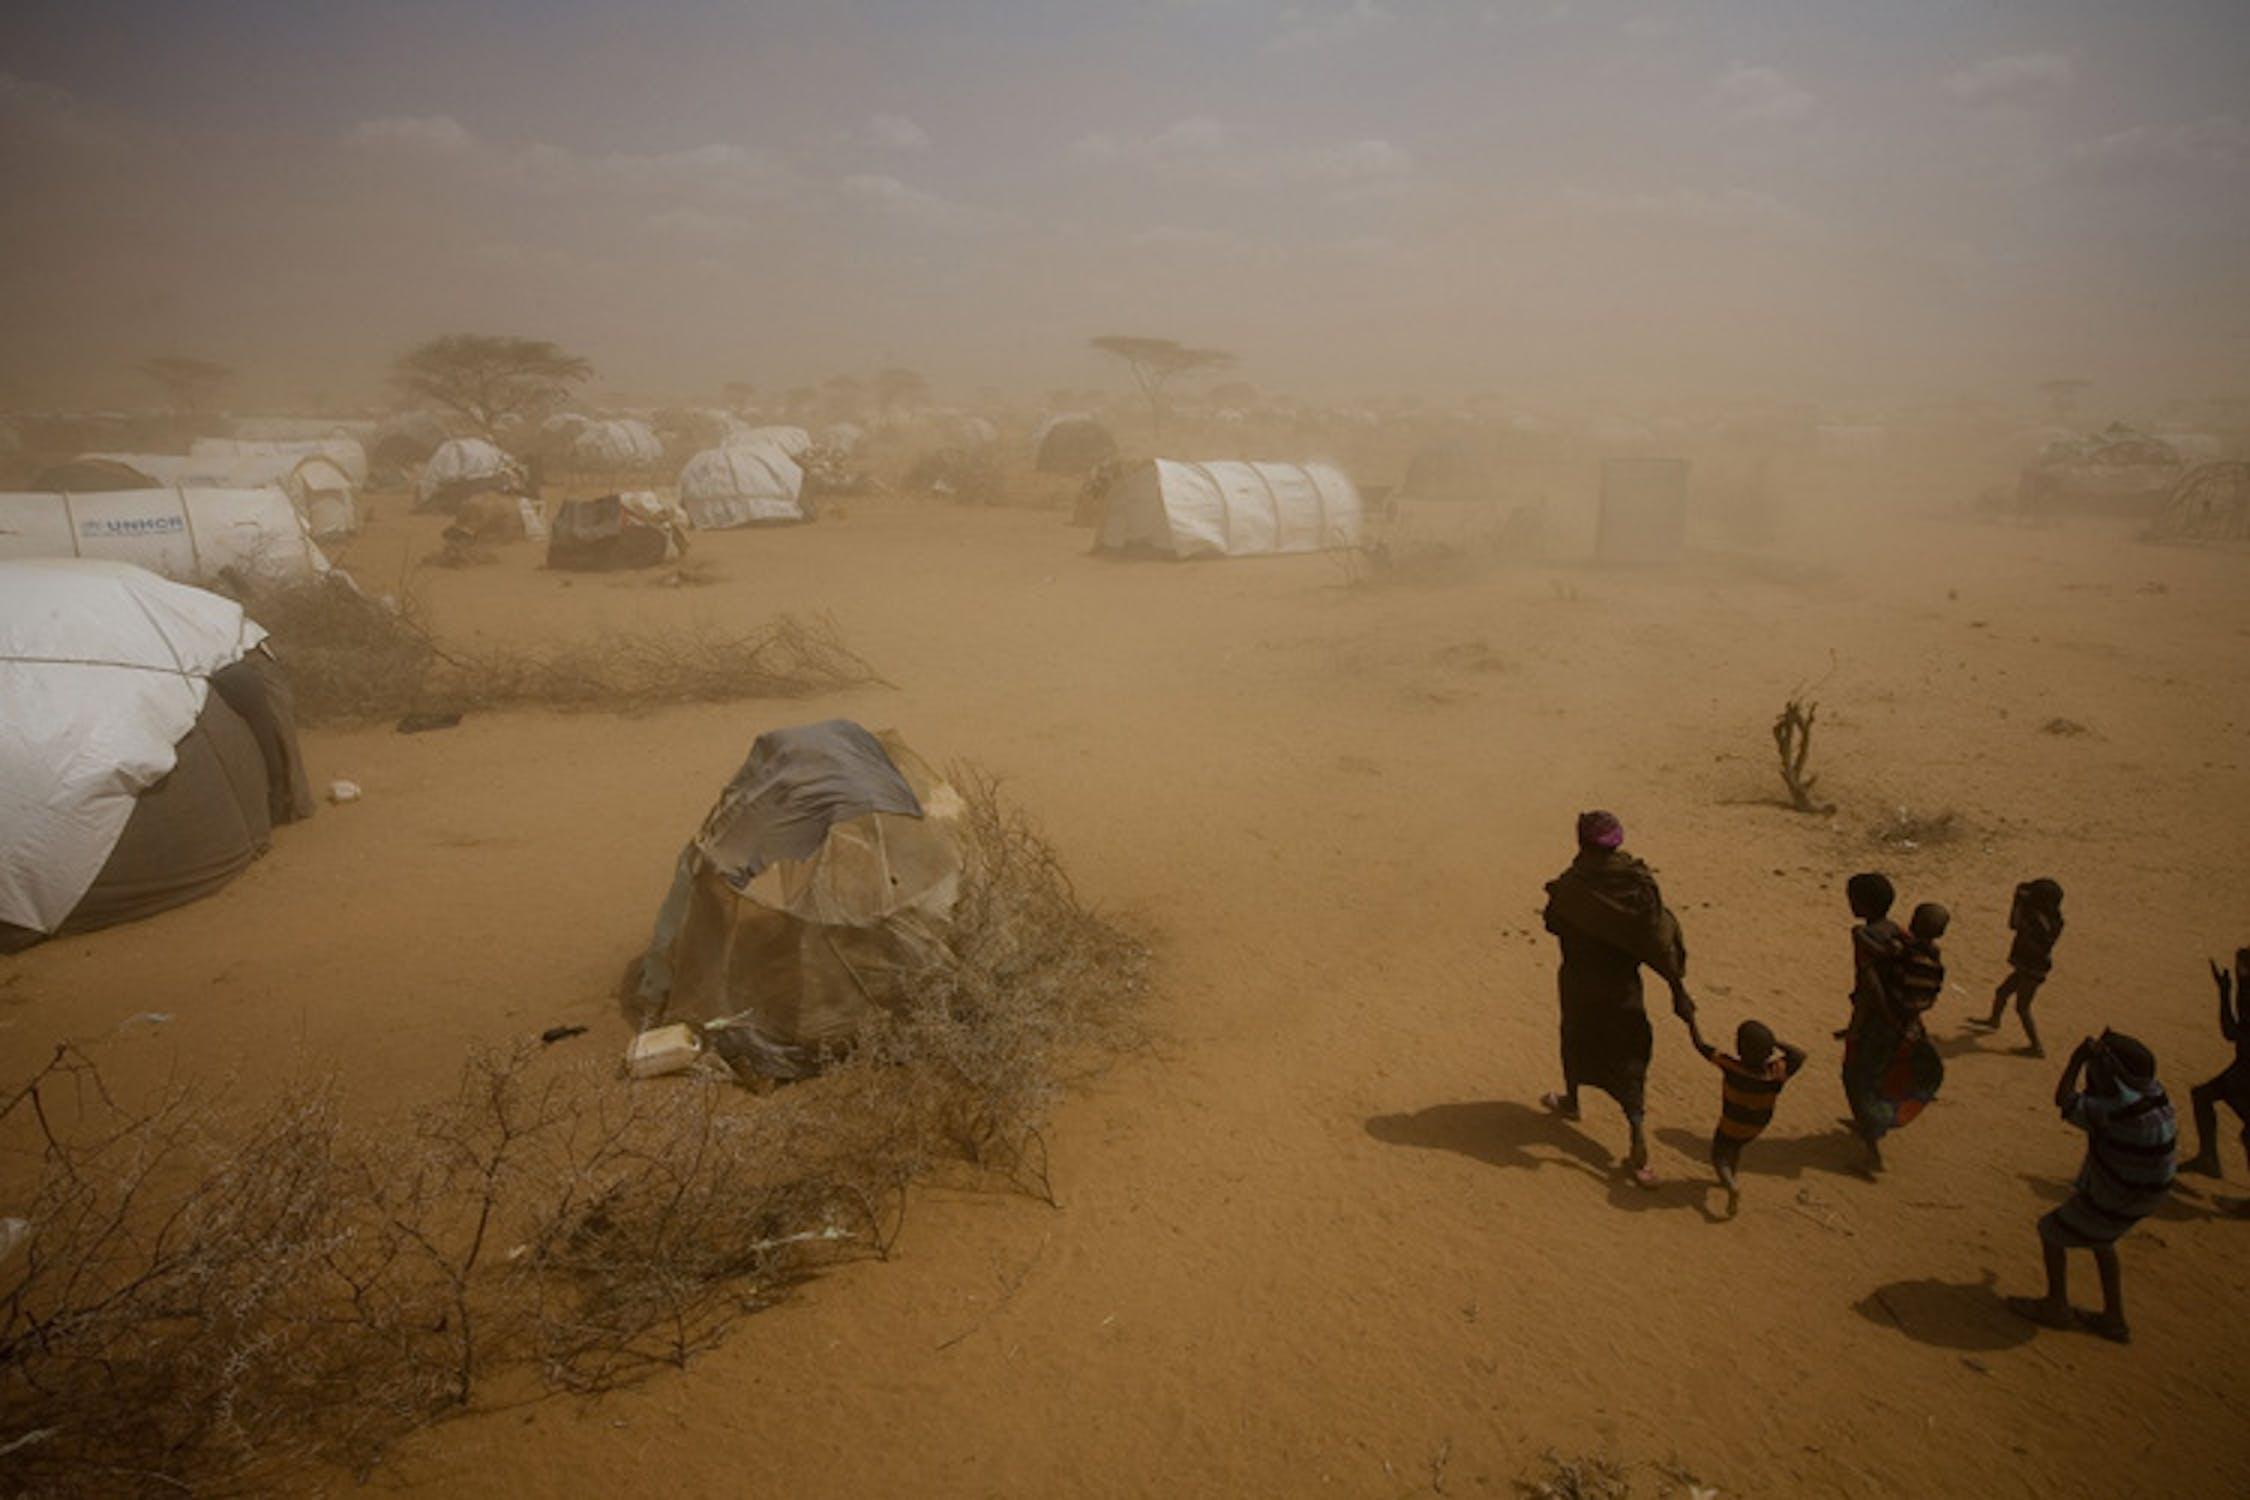 Una donna con i suoi figli avanza in una tempesta di sabbia nel campo profughi di Dagahaley, al confine tra Kenya e Somalia - ©UNICEF/NYHQ2011-1019/K.Holt